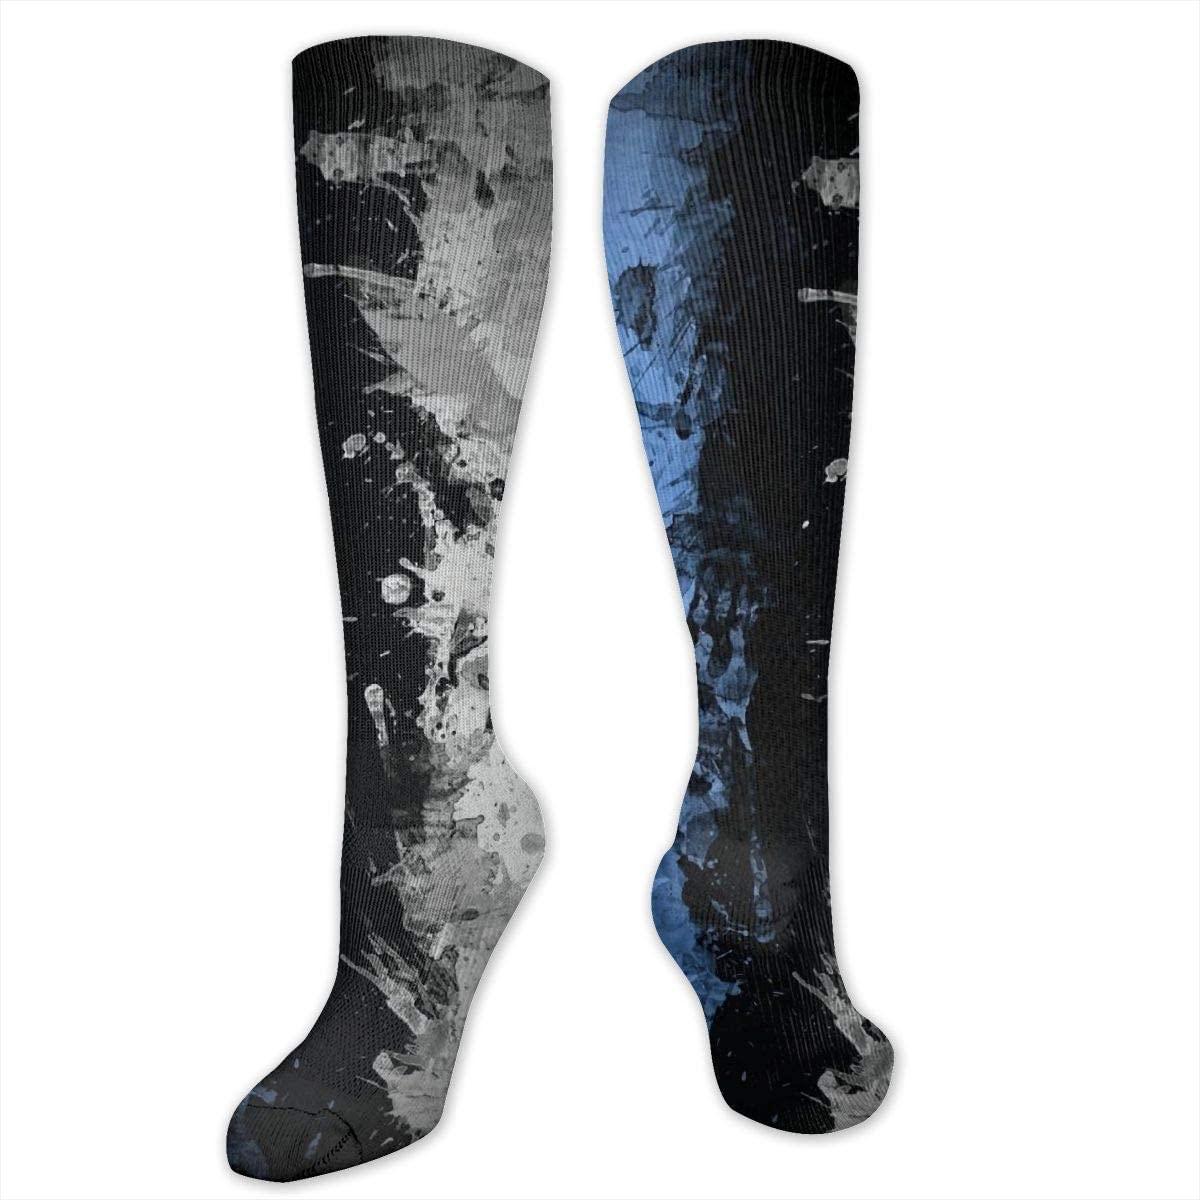 Knee High Socks For Men Women Estonia Flag Crew Hose Stockings